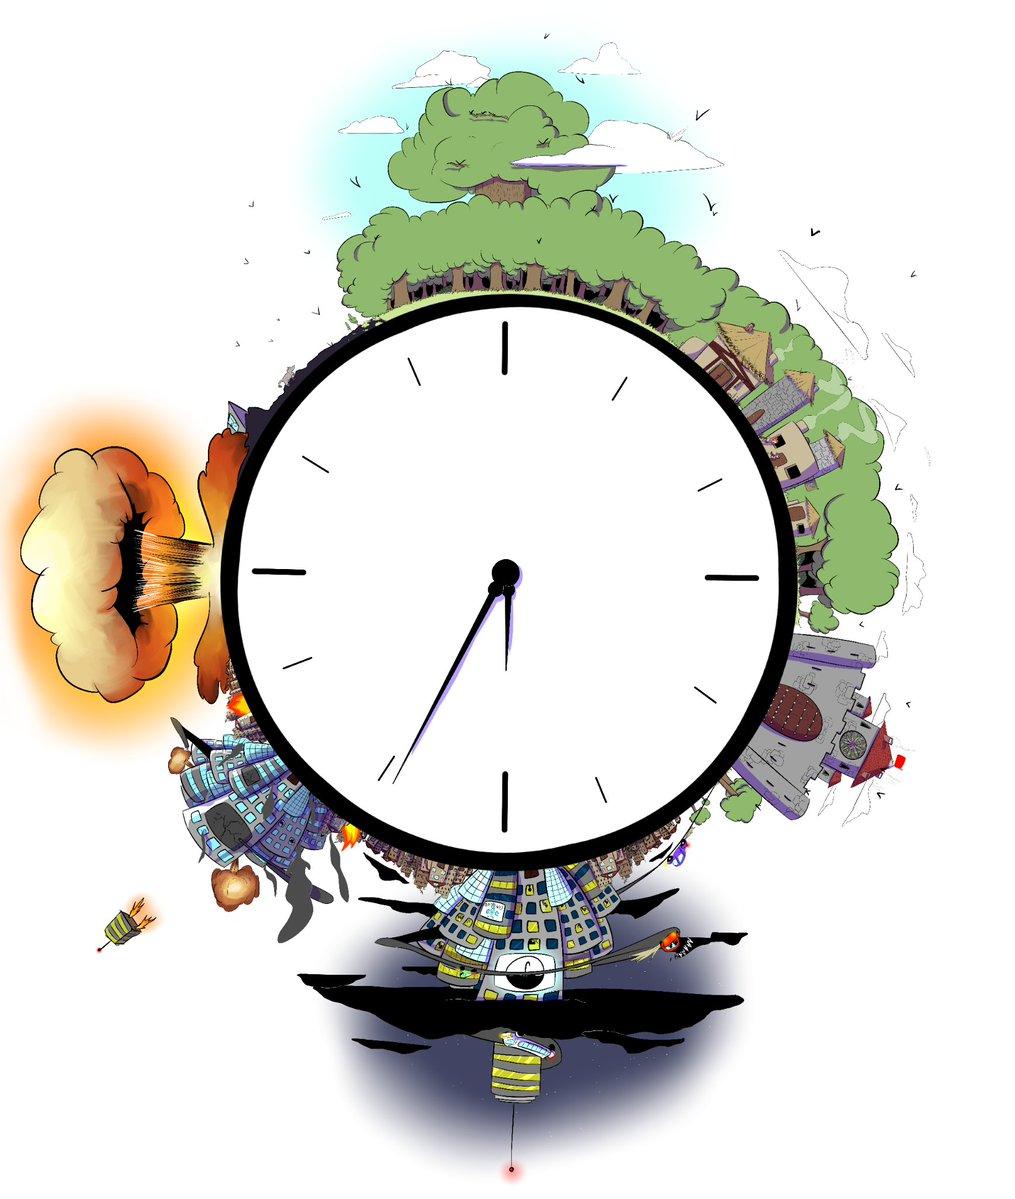 Une horloge qui figure les étape de l'anthropocène jusqu'à l'effondrement final.